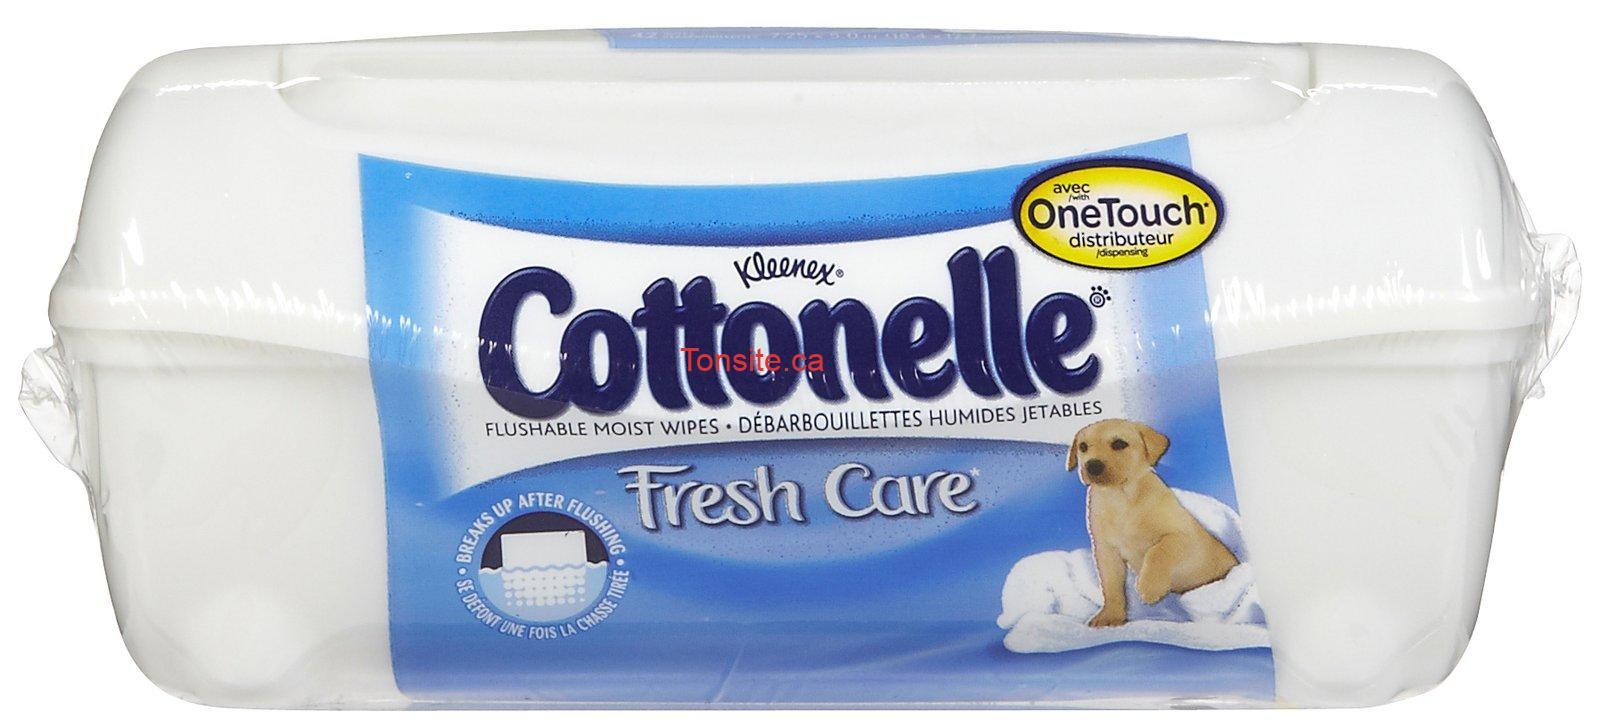 kc 347 1z - Débarbouillettes cottonelle à 99¢ après coupon!